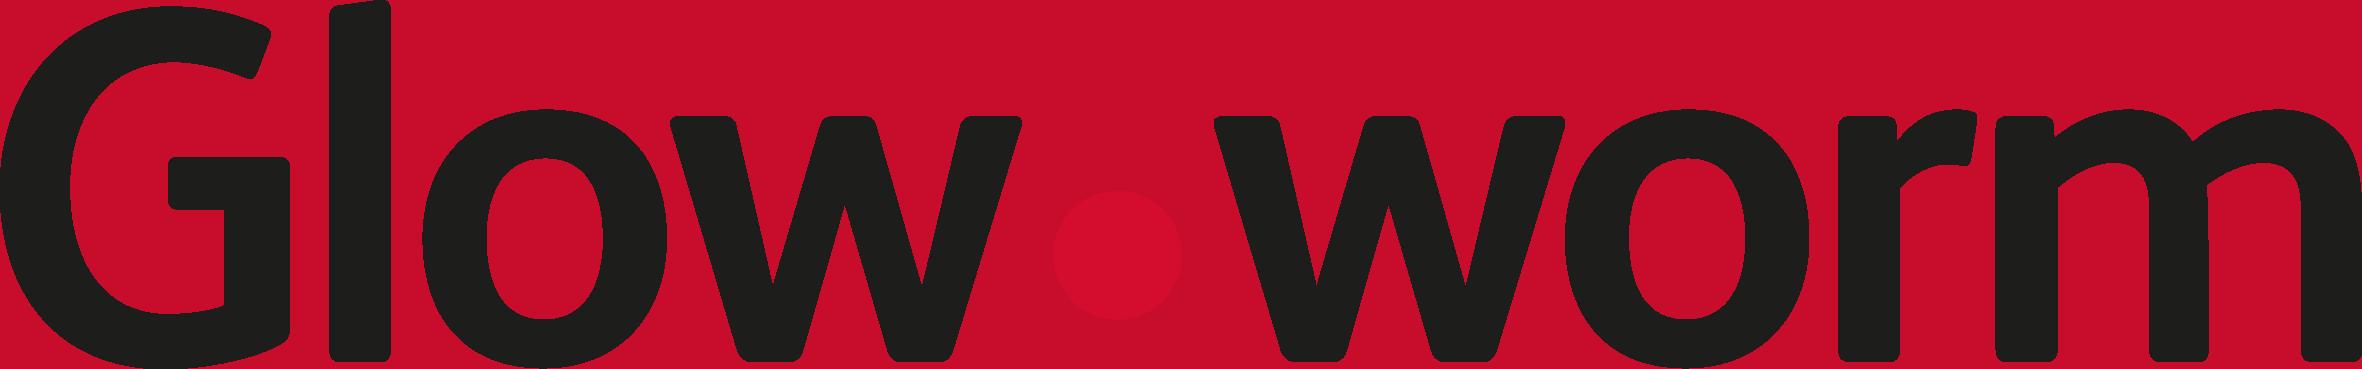 Glow-worm_Logo